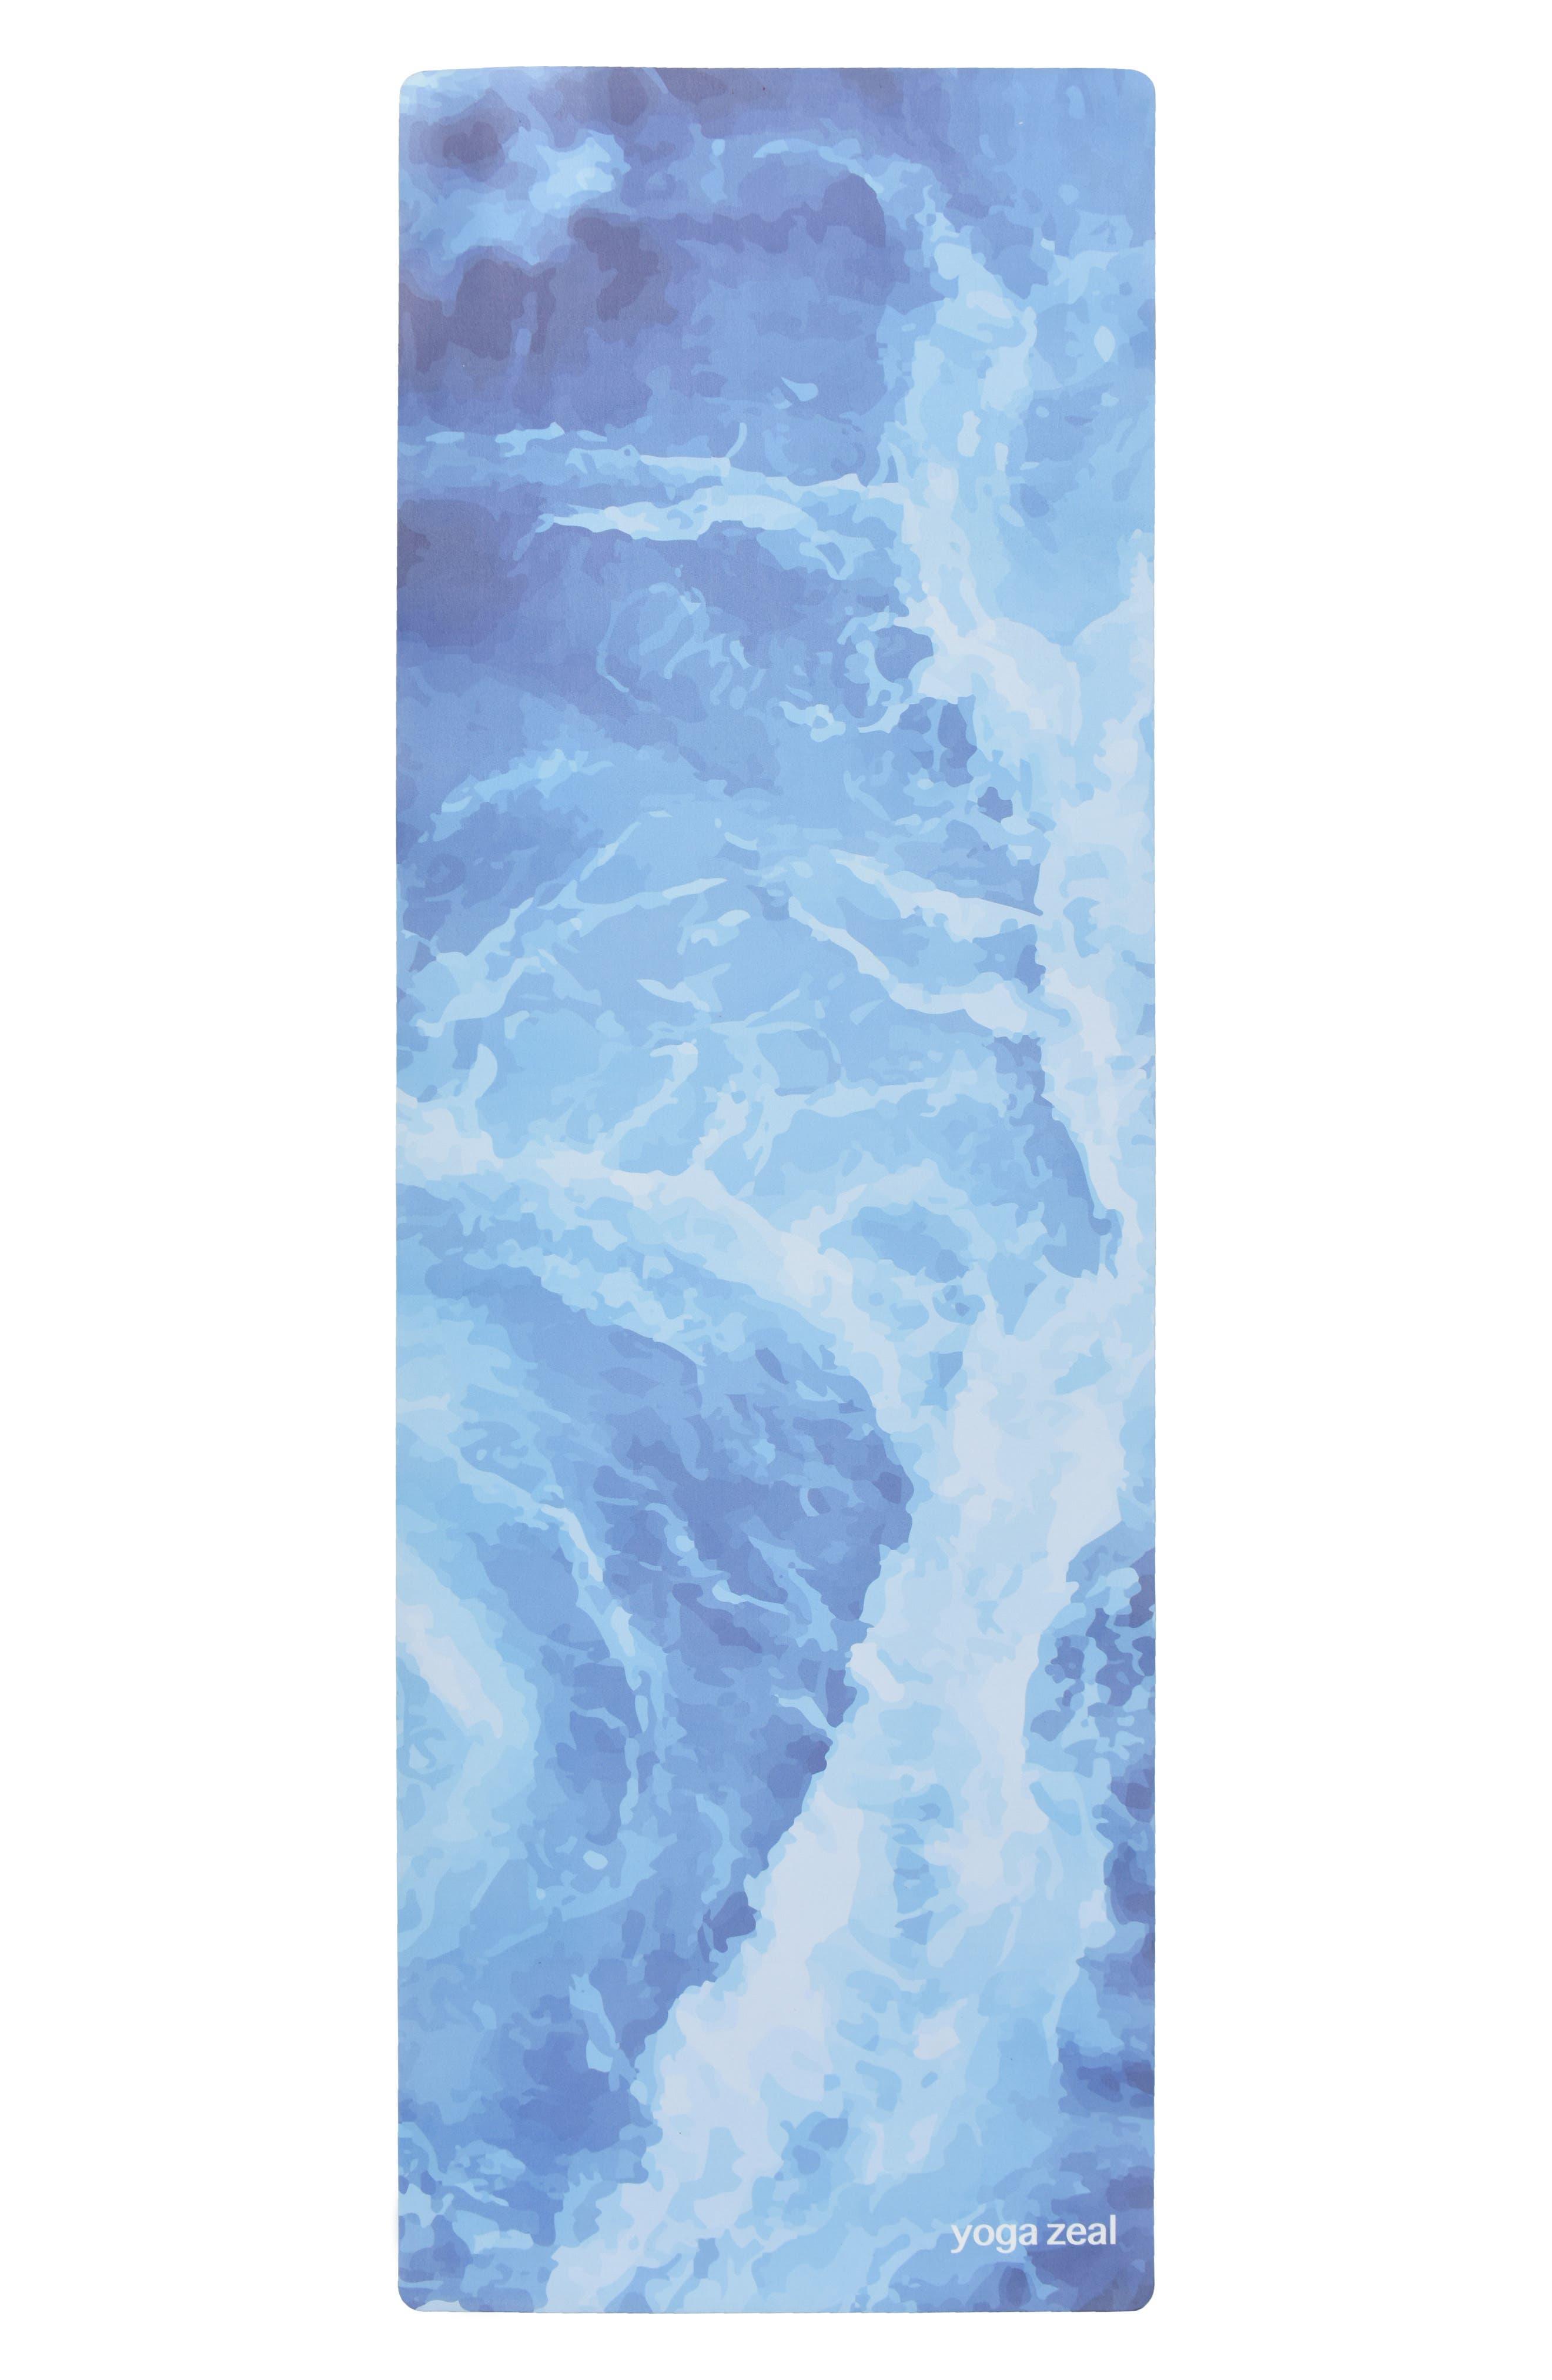 Ocean Print Yoga Mat,                         Main,                         color, BLUE